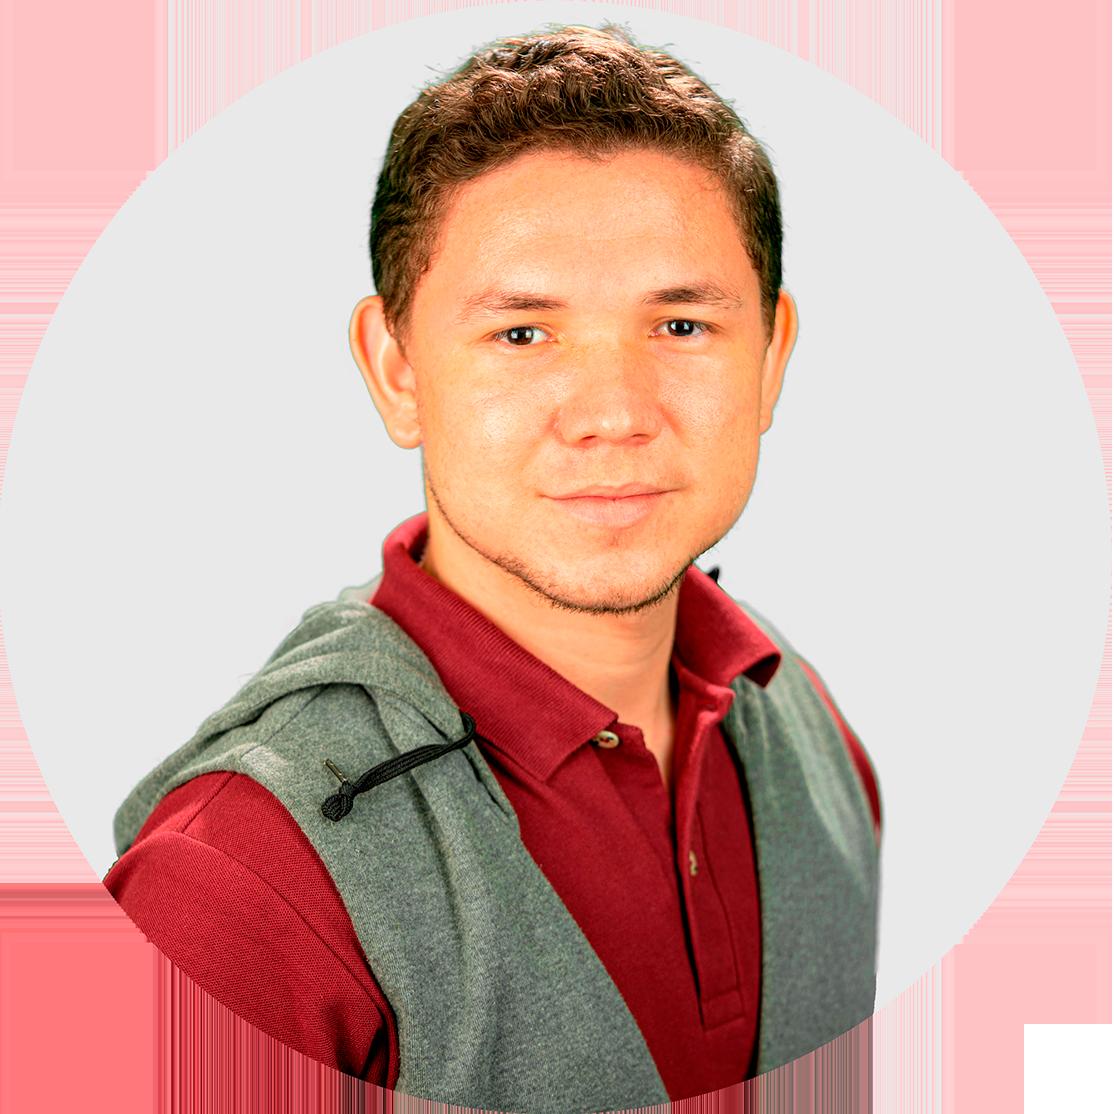 Foto de perfil Jerson Martínez